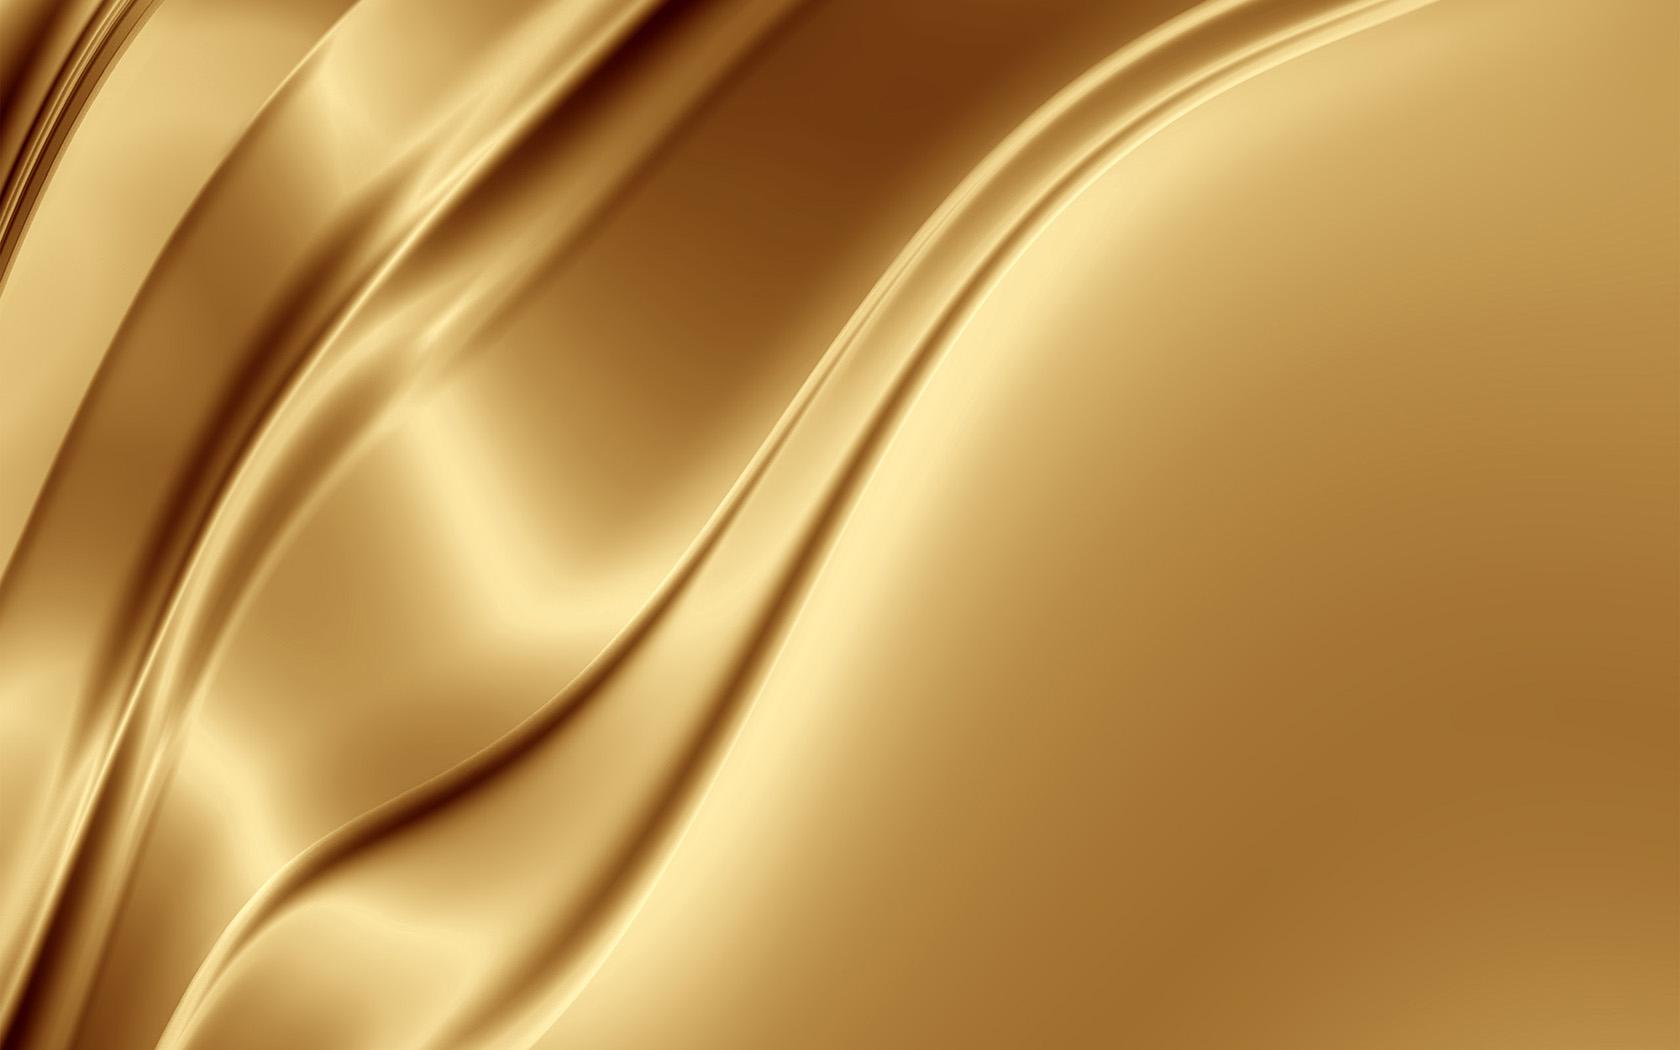 Fall Iphone 7 Plus Wallpaper Vo86 Texture Slik Soft Gold Galaxy Pattern Wallpaper